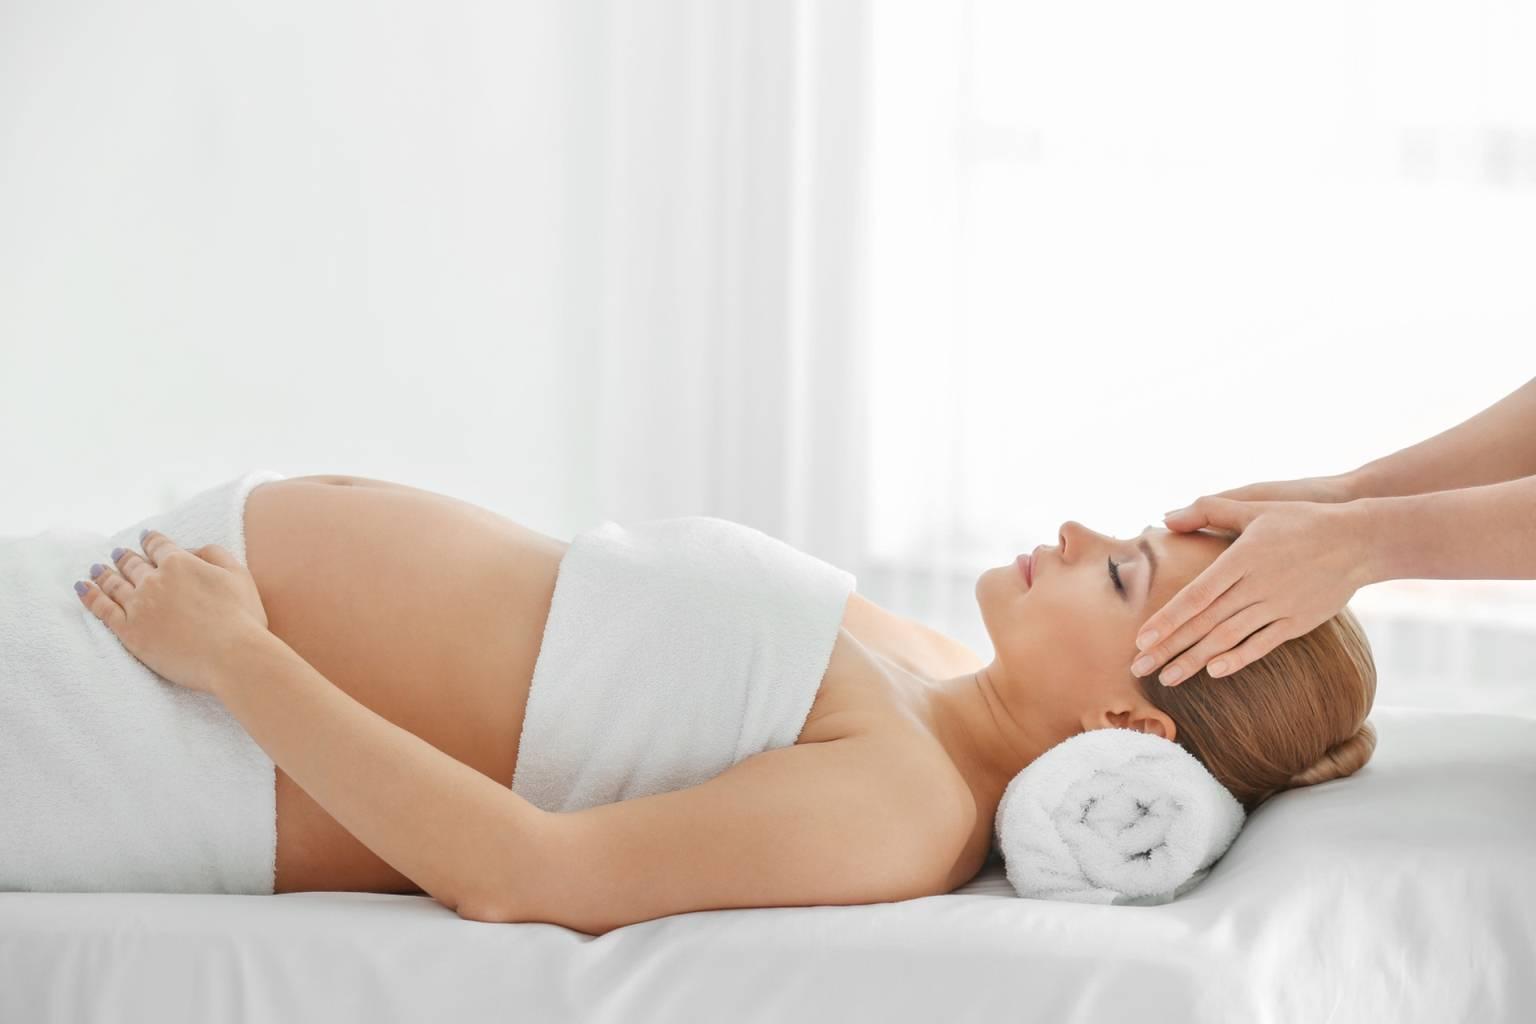 Medycyna chińska na dolegliwości w ciąży. Kobieta w ciąży podczas zabiegu akupunktury.